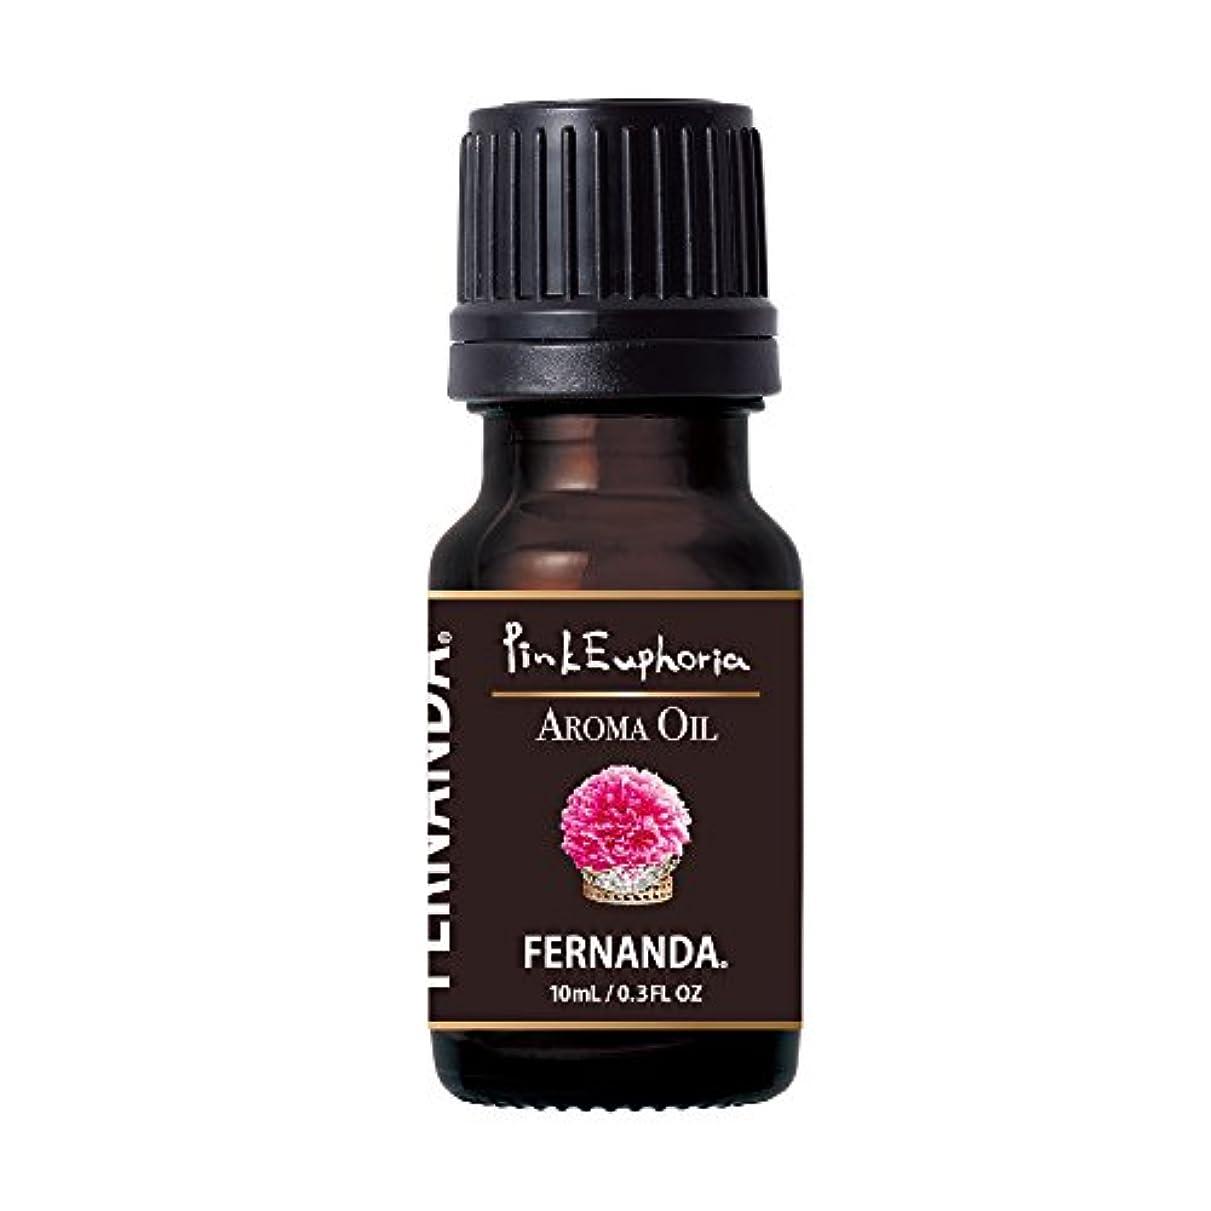 アミューズメントトラクター火山のFERNANDA(フェルナンダ) Fragrance Aroma Oil Pink Euphoria (アロマオイル ピンクエウフォリア)